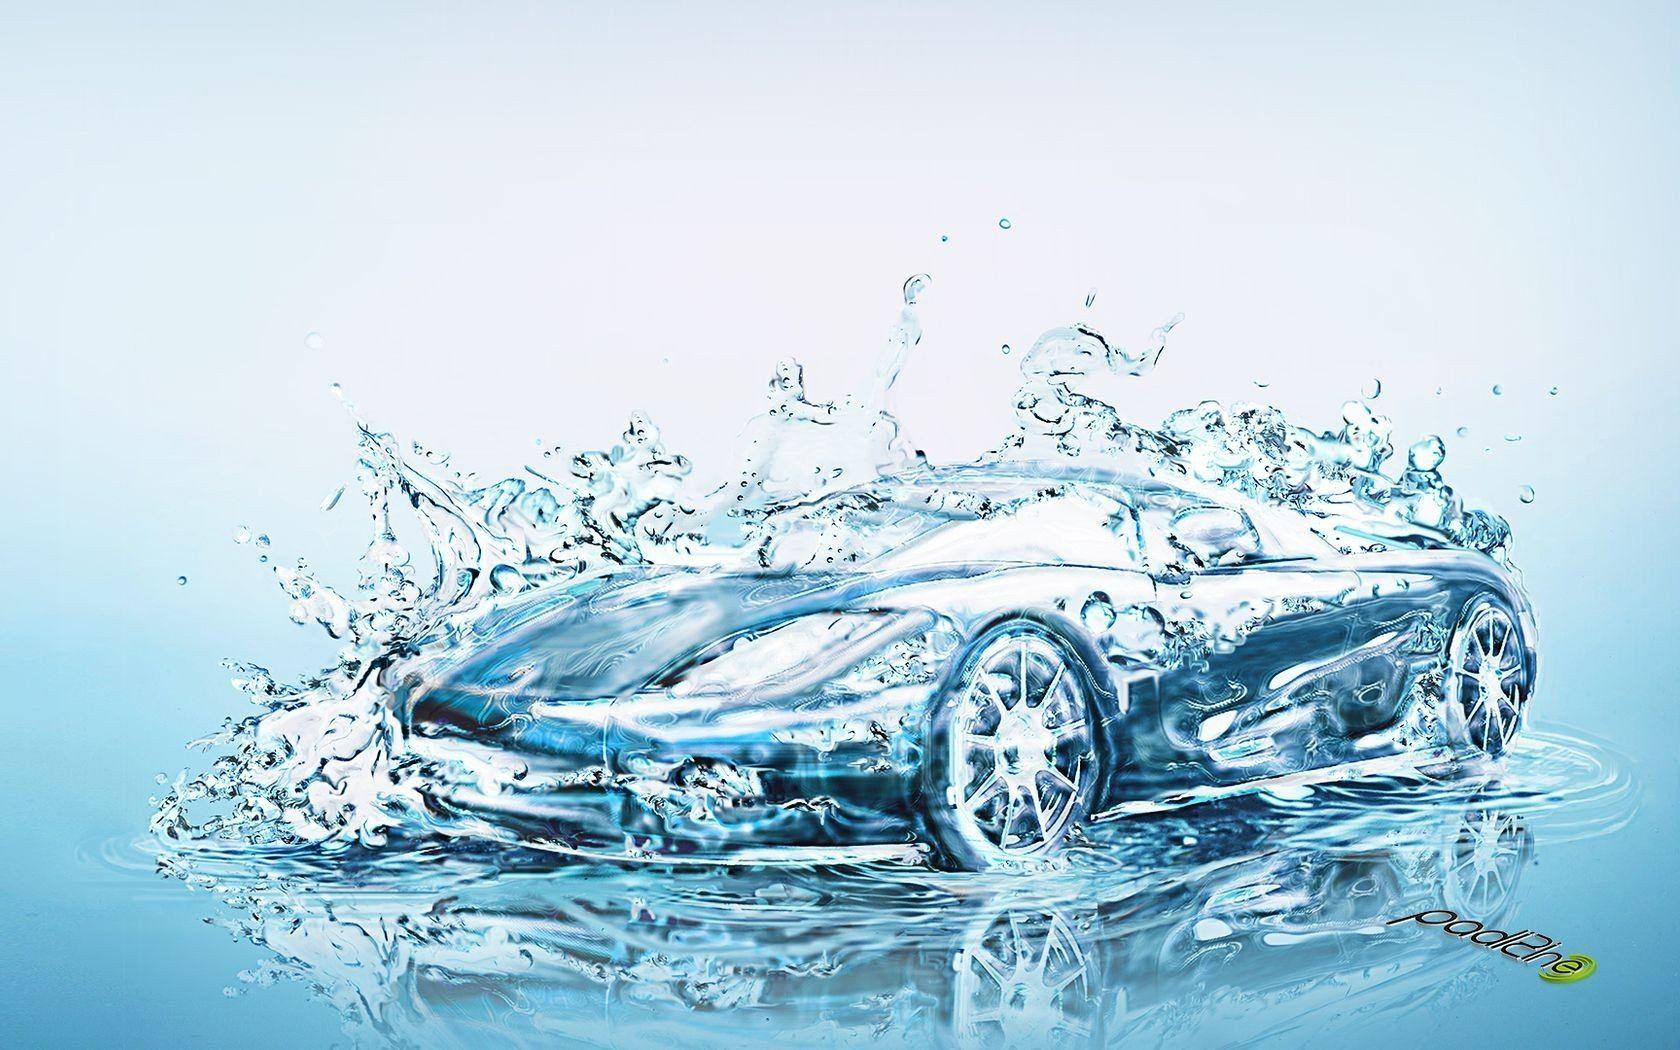 Pin On Water Splash